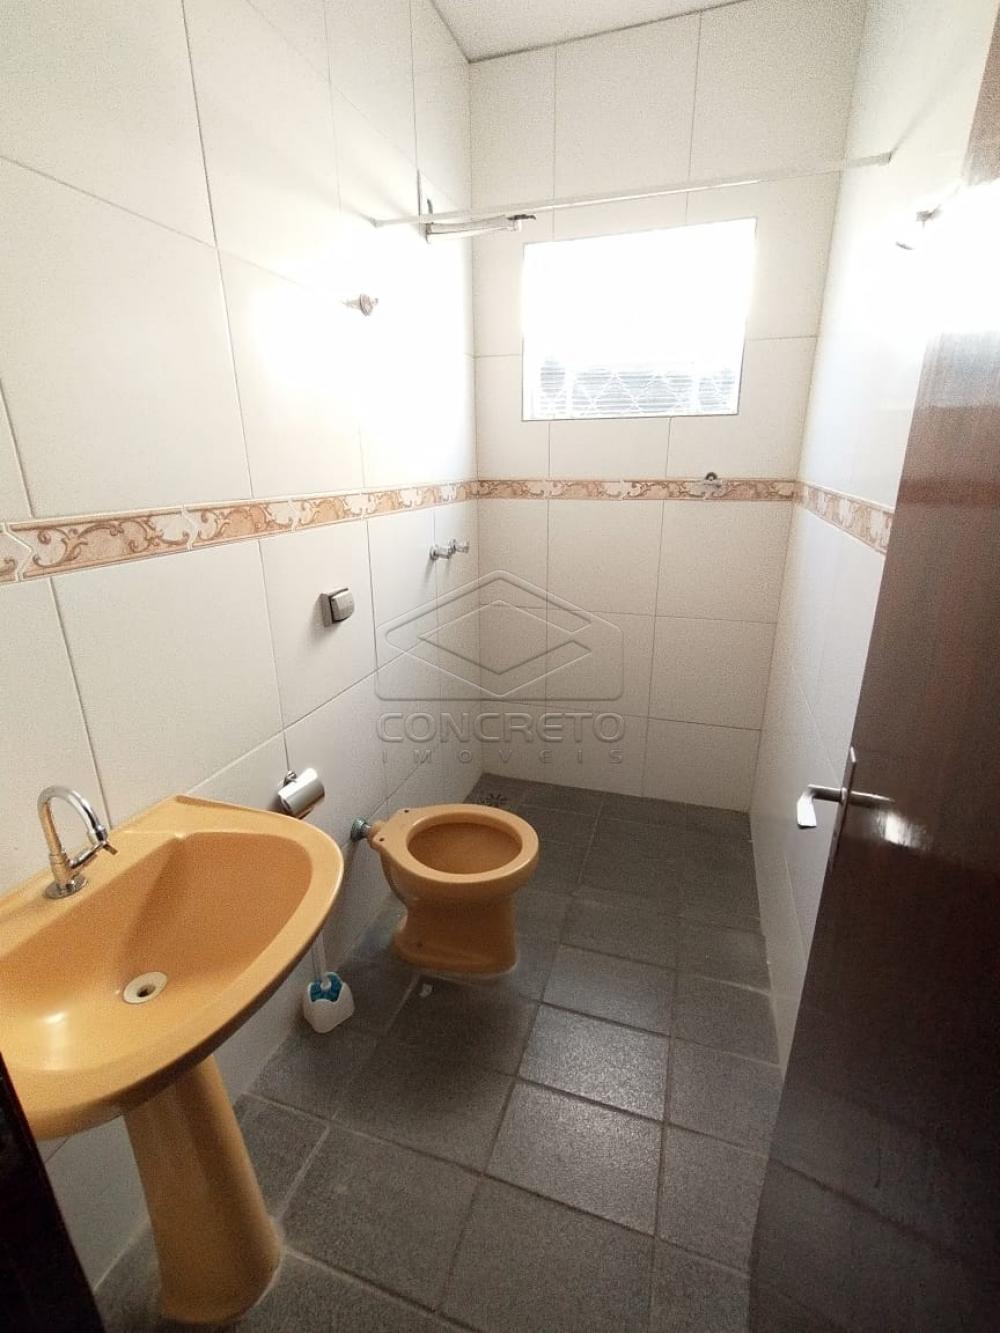 Alugar Casa / Padrão em Bauru apenas R$ 1.000,00 - Foto 13